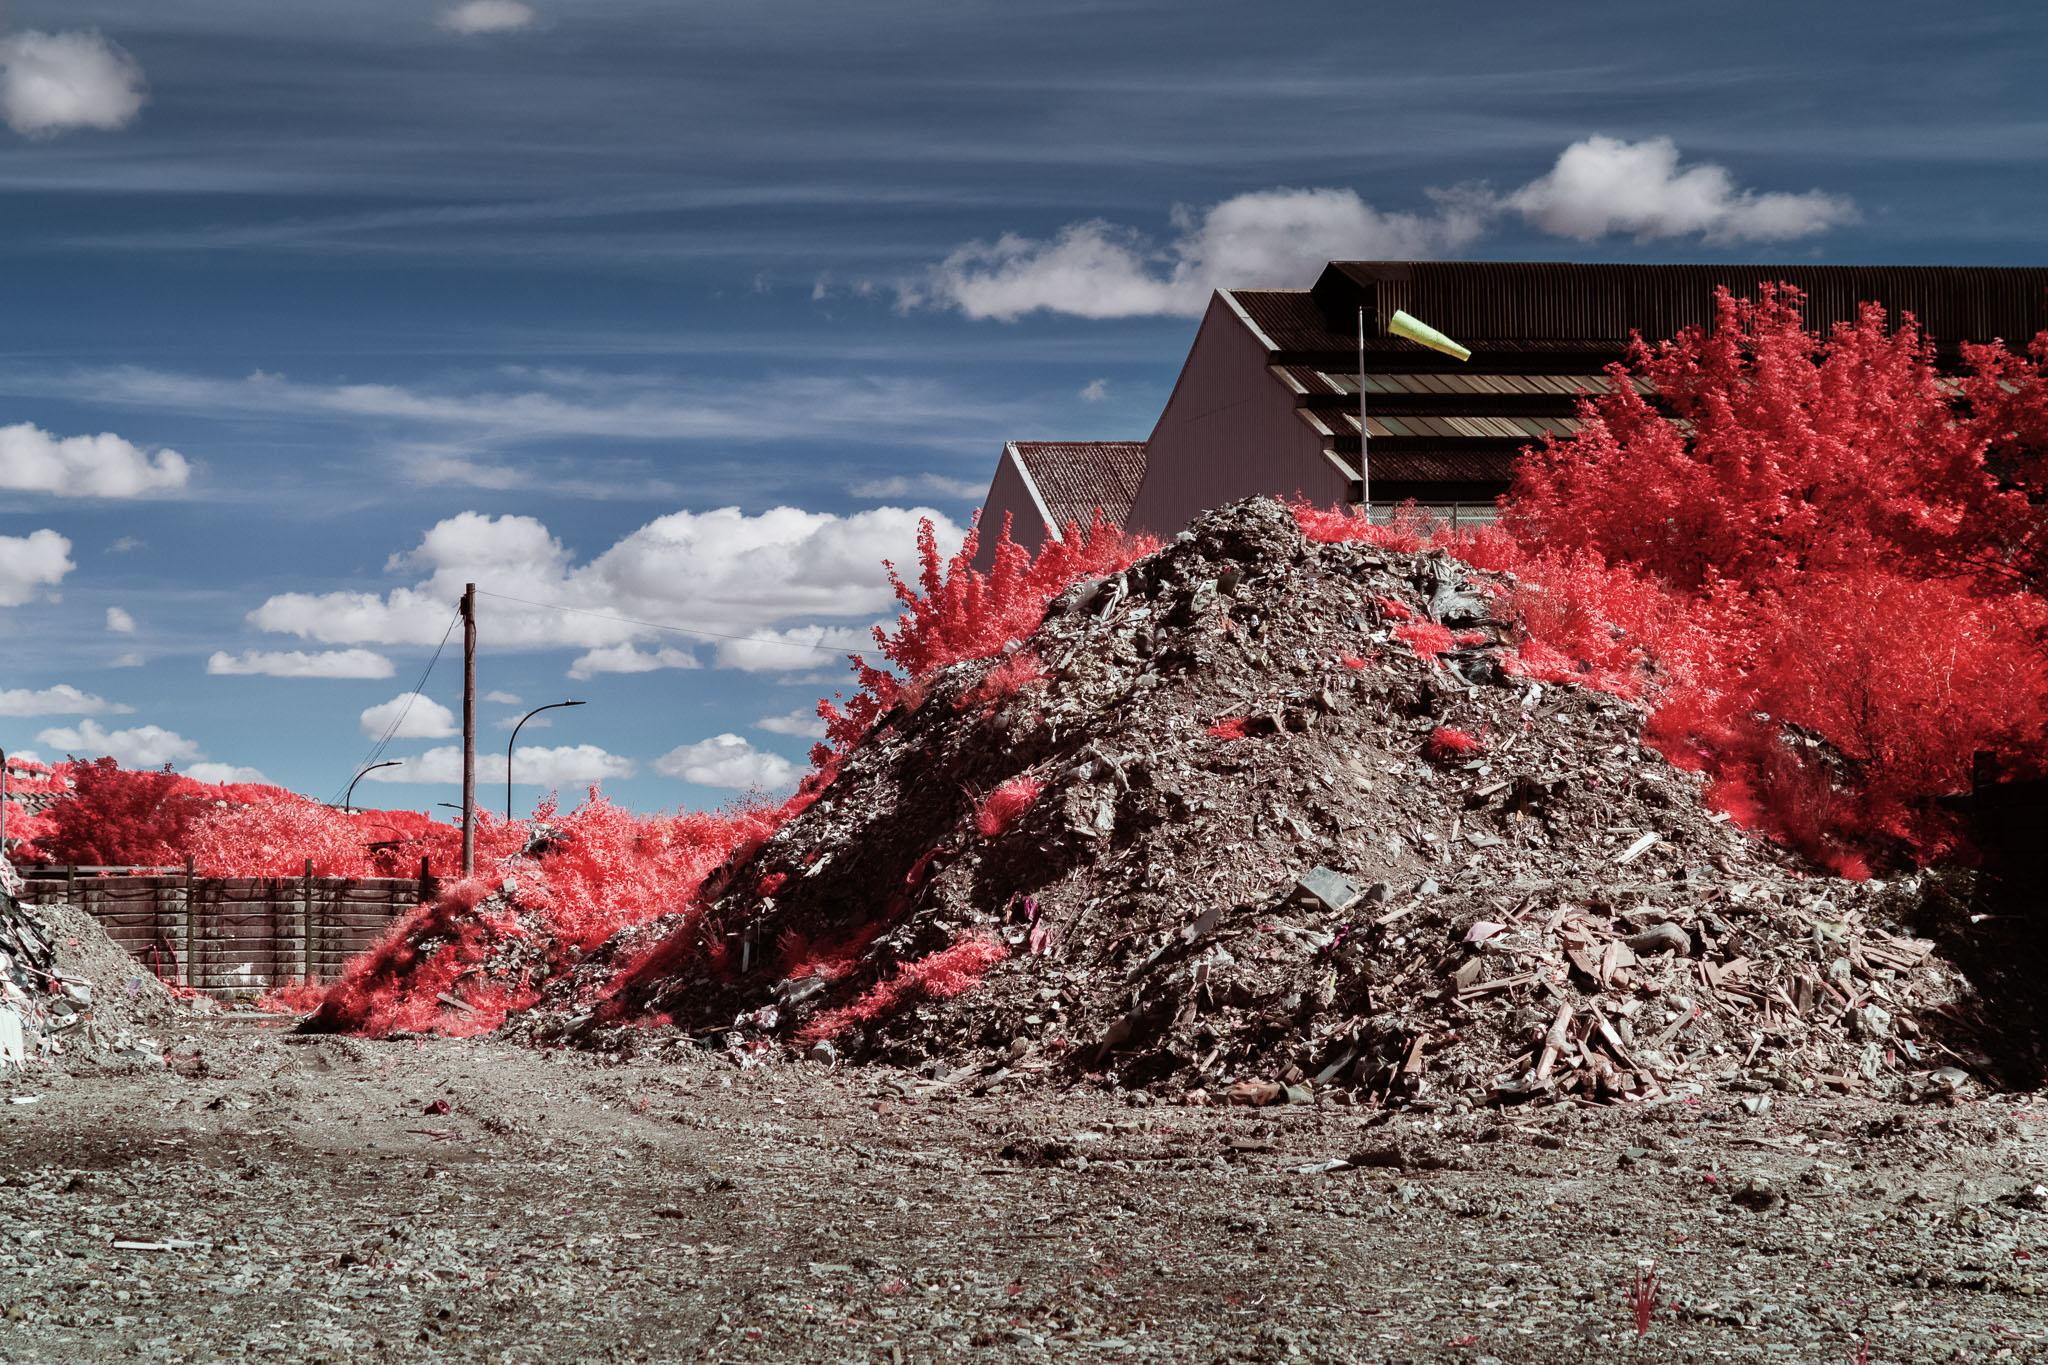 Kodak EIR Colour Infrared, Edgelands, Wasteland, Out of sight,  Dirt Mount ©Jonny Sutton